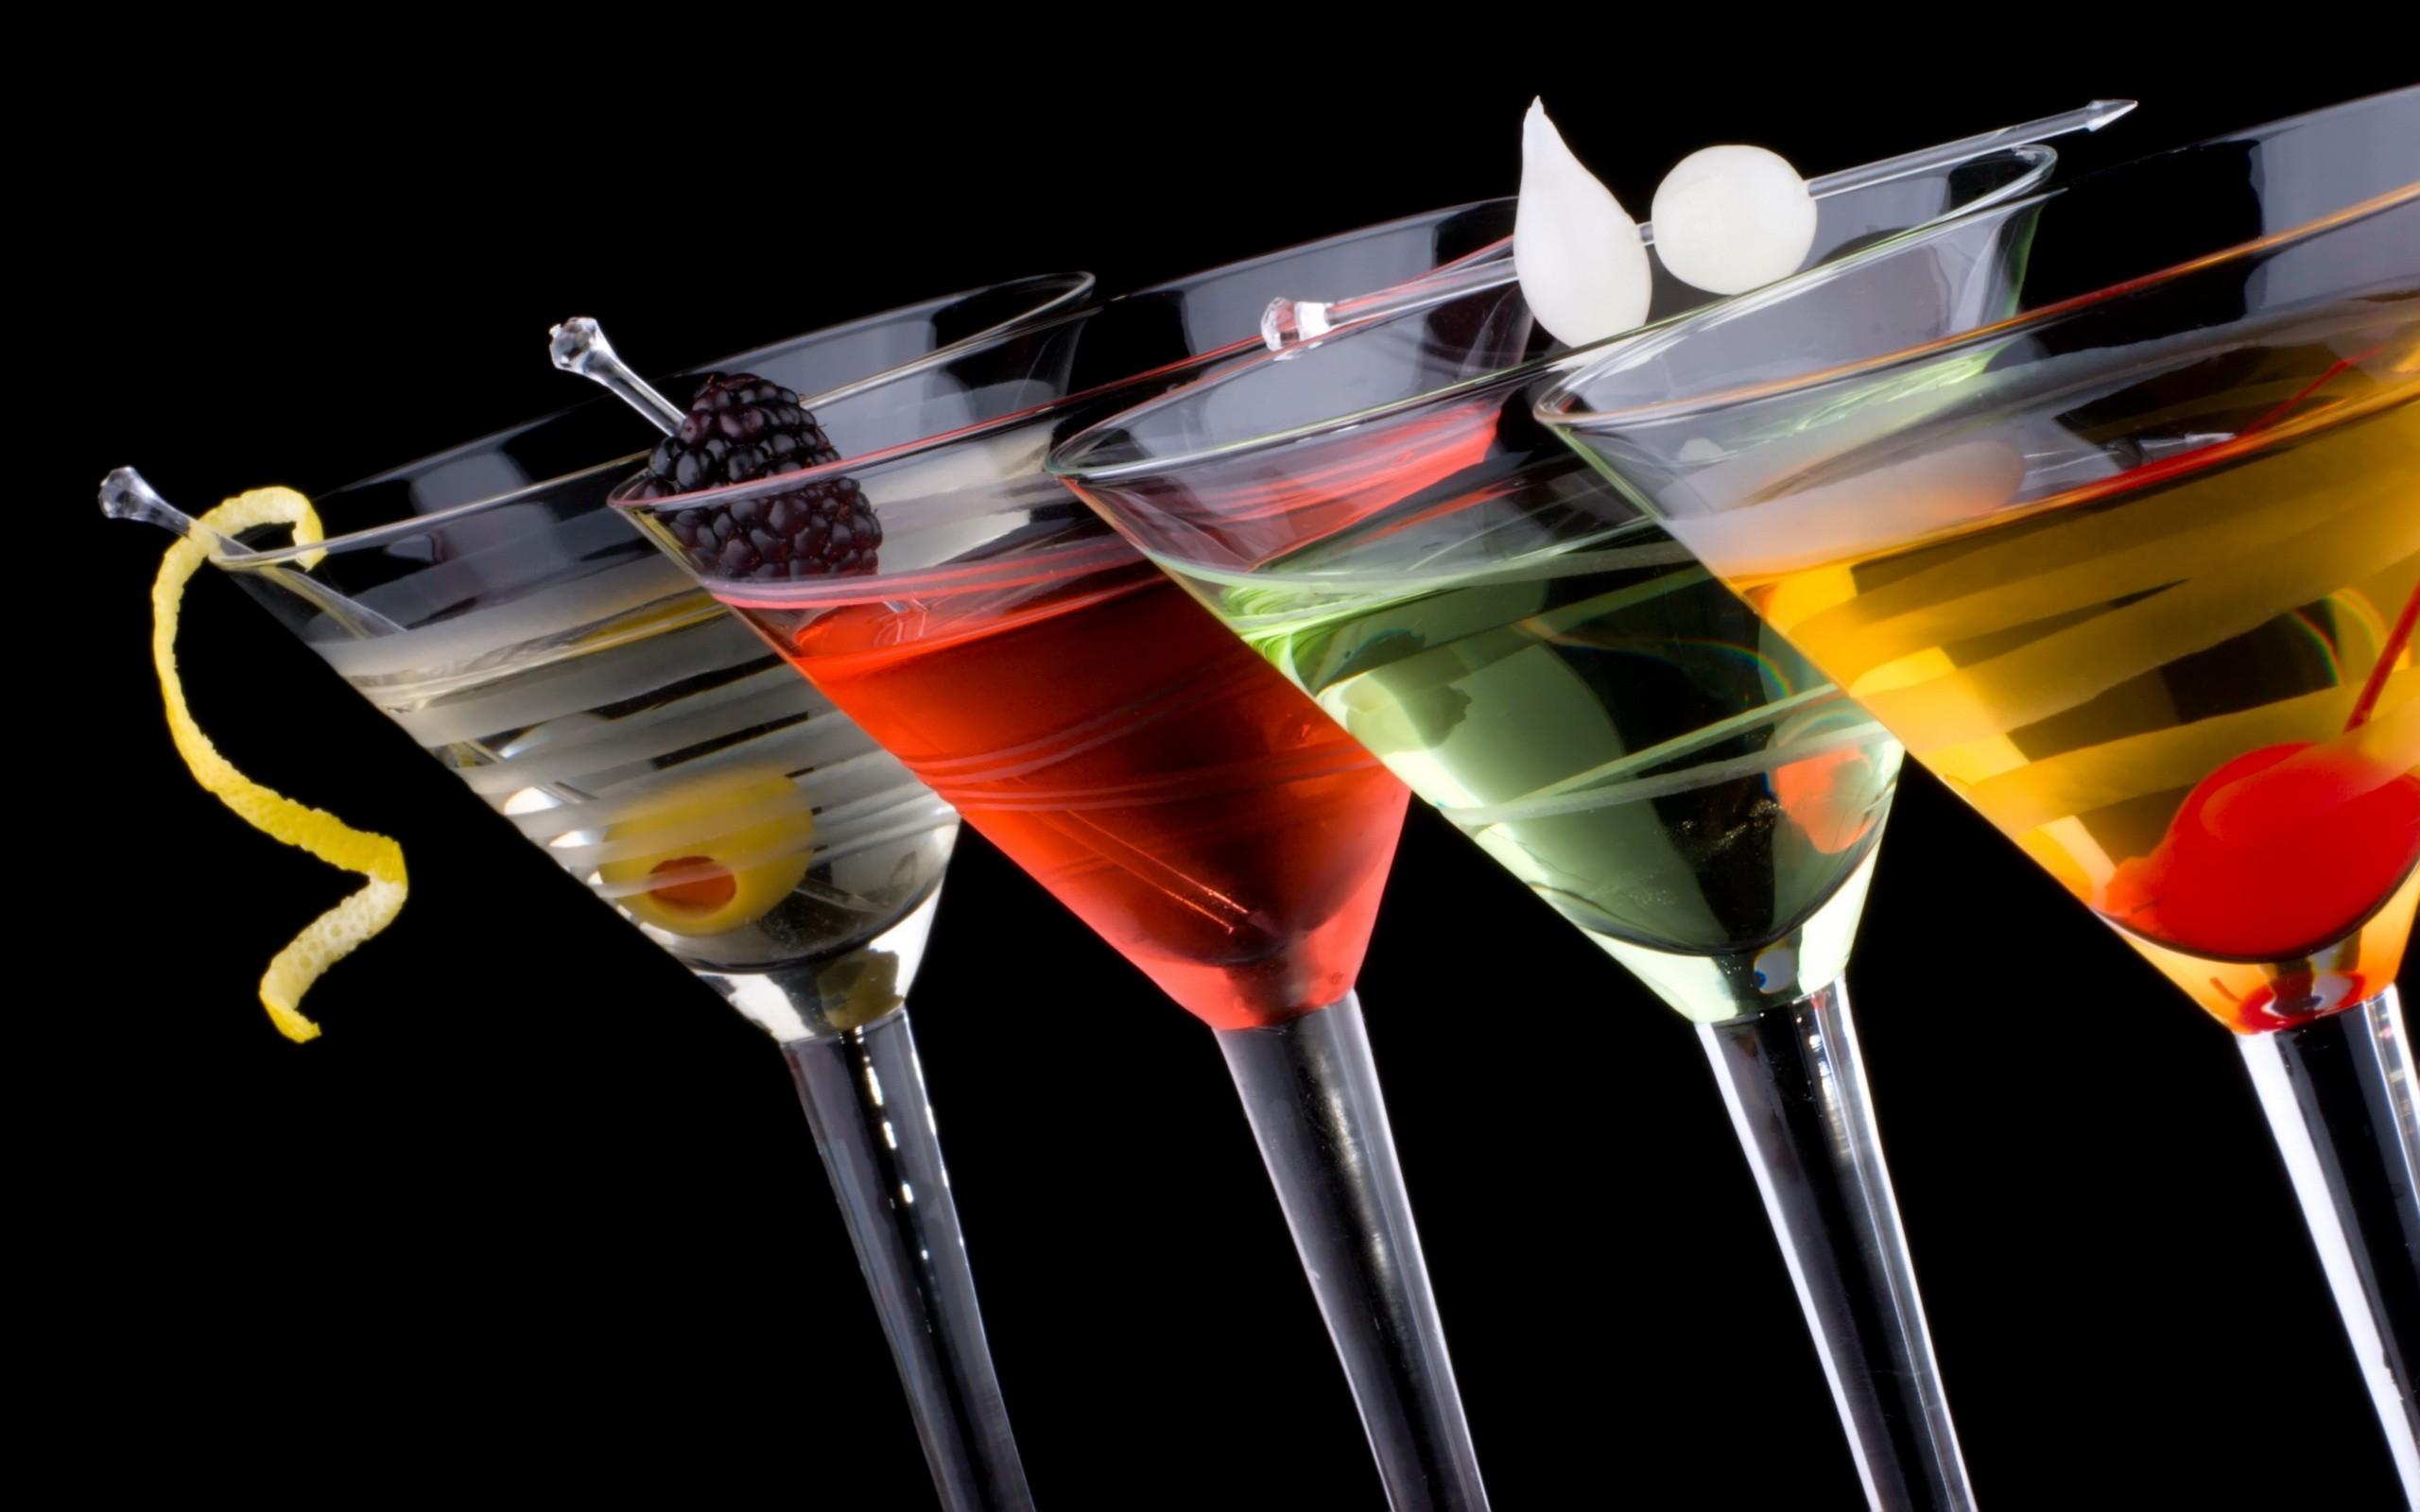 Letní inspirace: Tři lahodné koktejly, bez kterých se letos neobejdete!